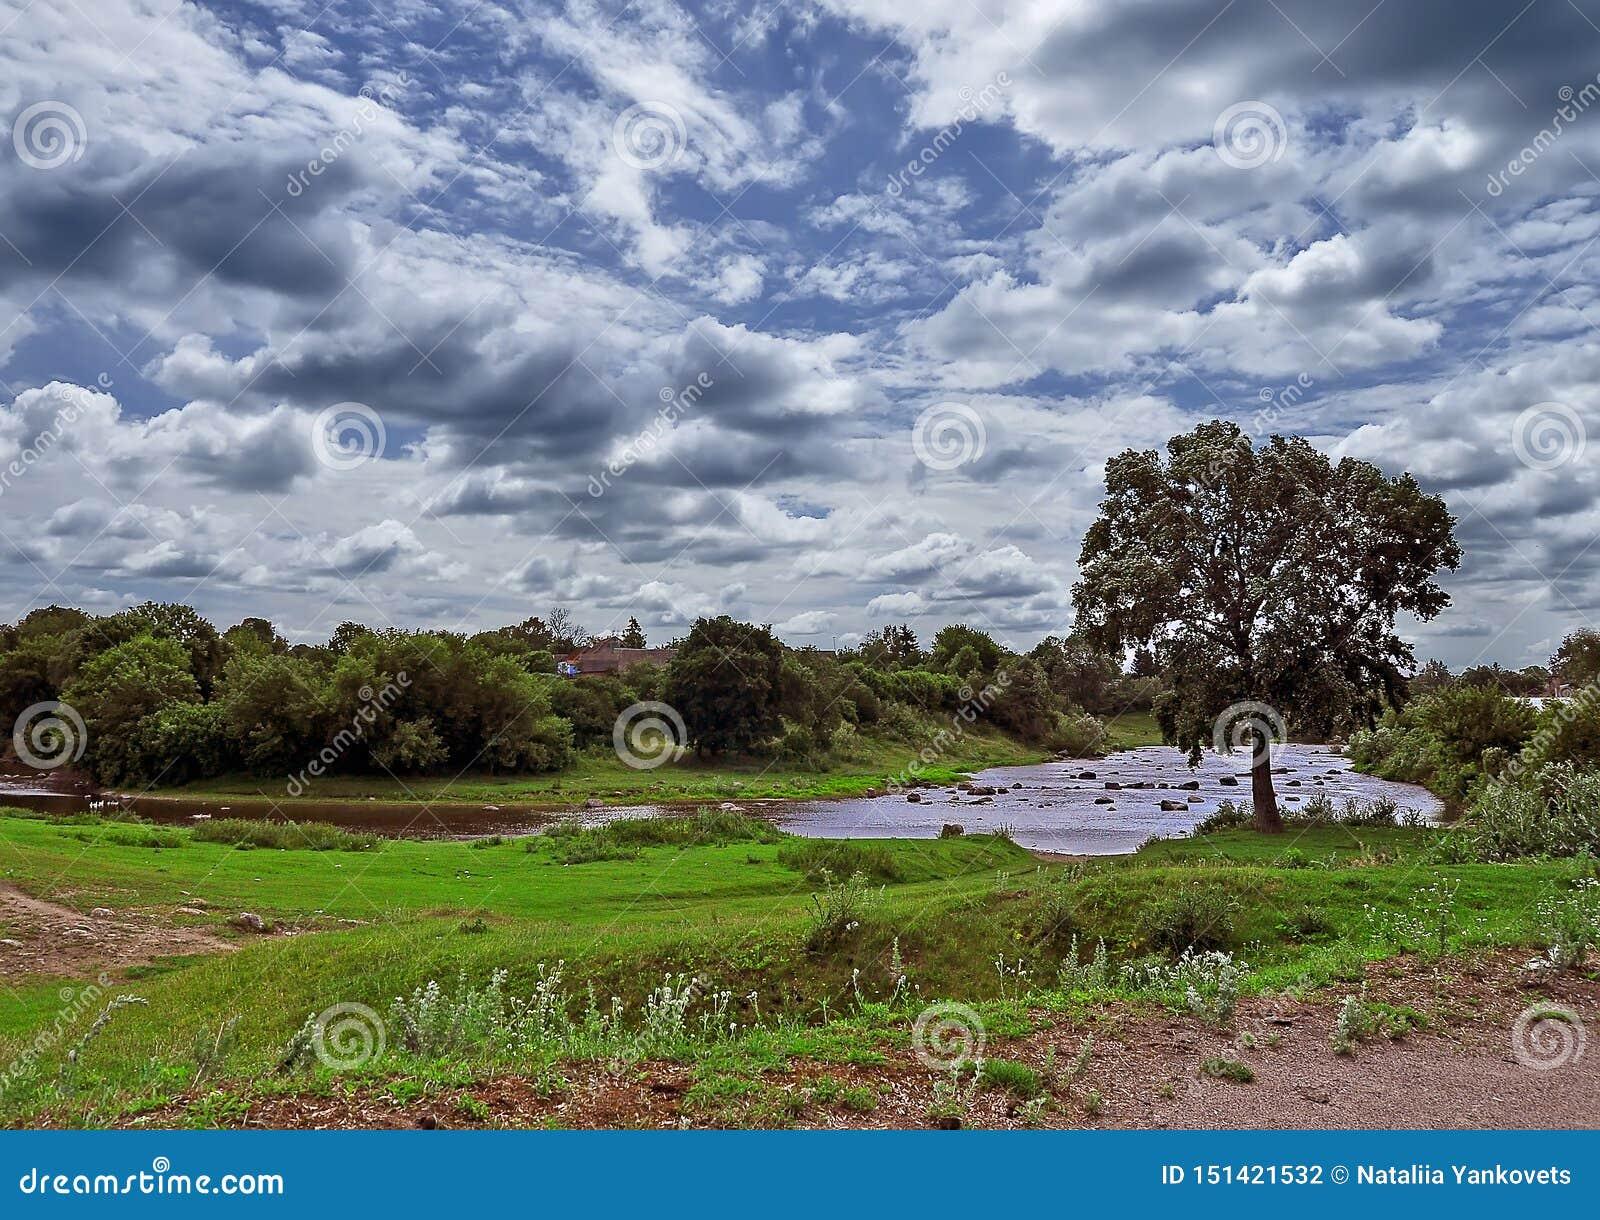 Een eenzame boom groeit op de rivierbank tegen een blauwe hemel met witte wolken